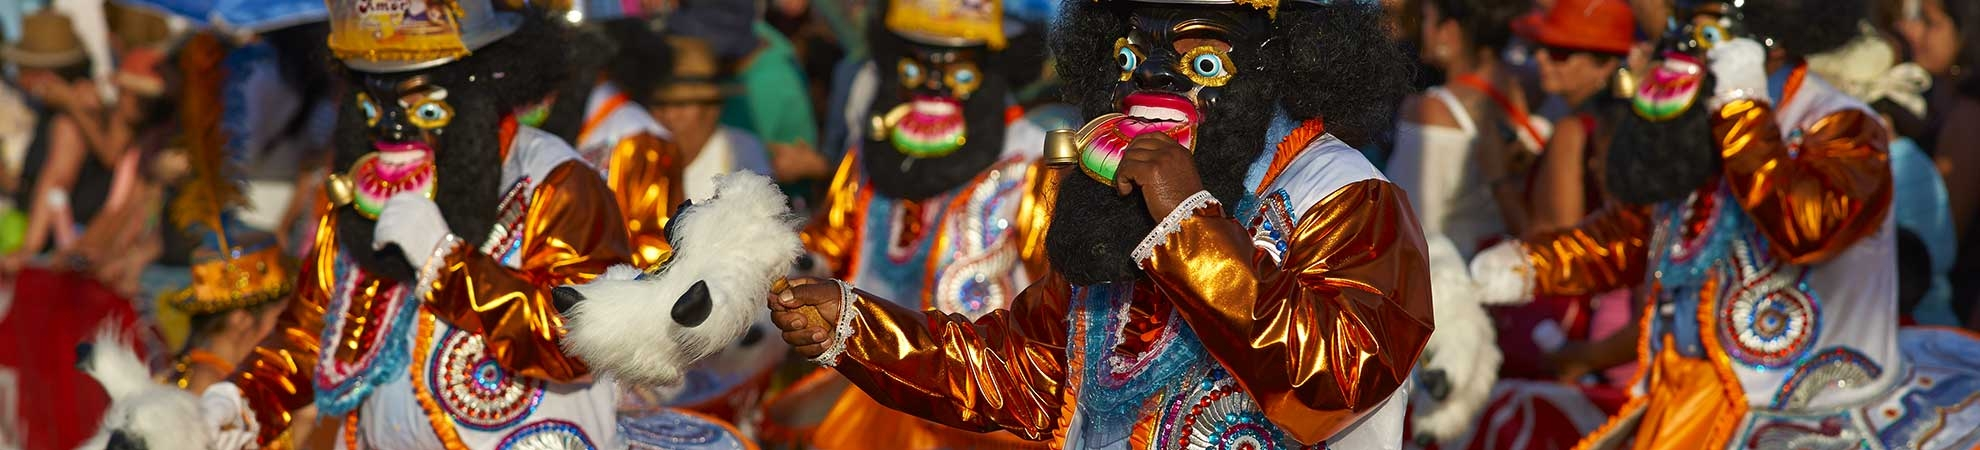 Activités Art et Culture Chili